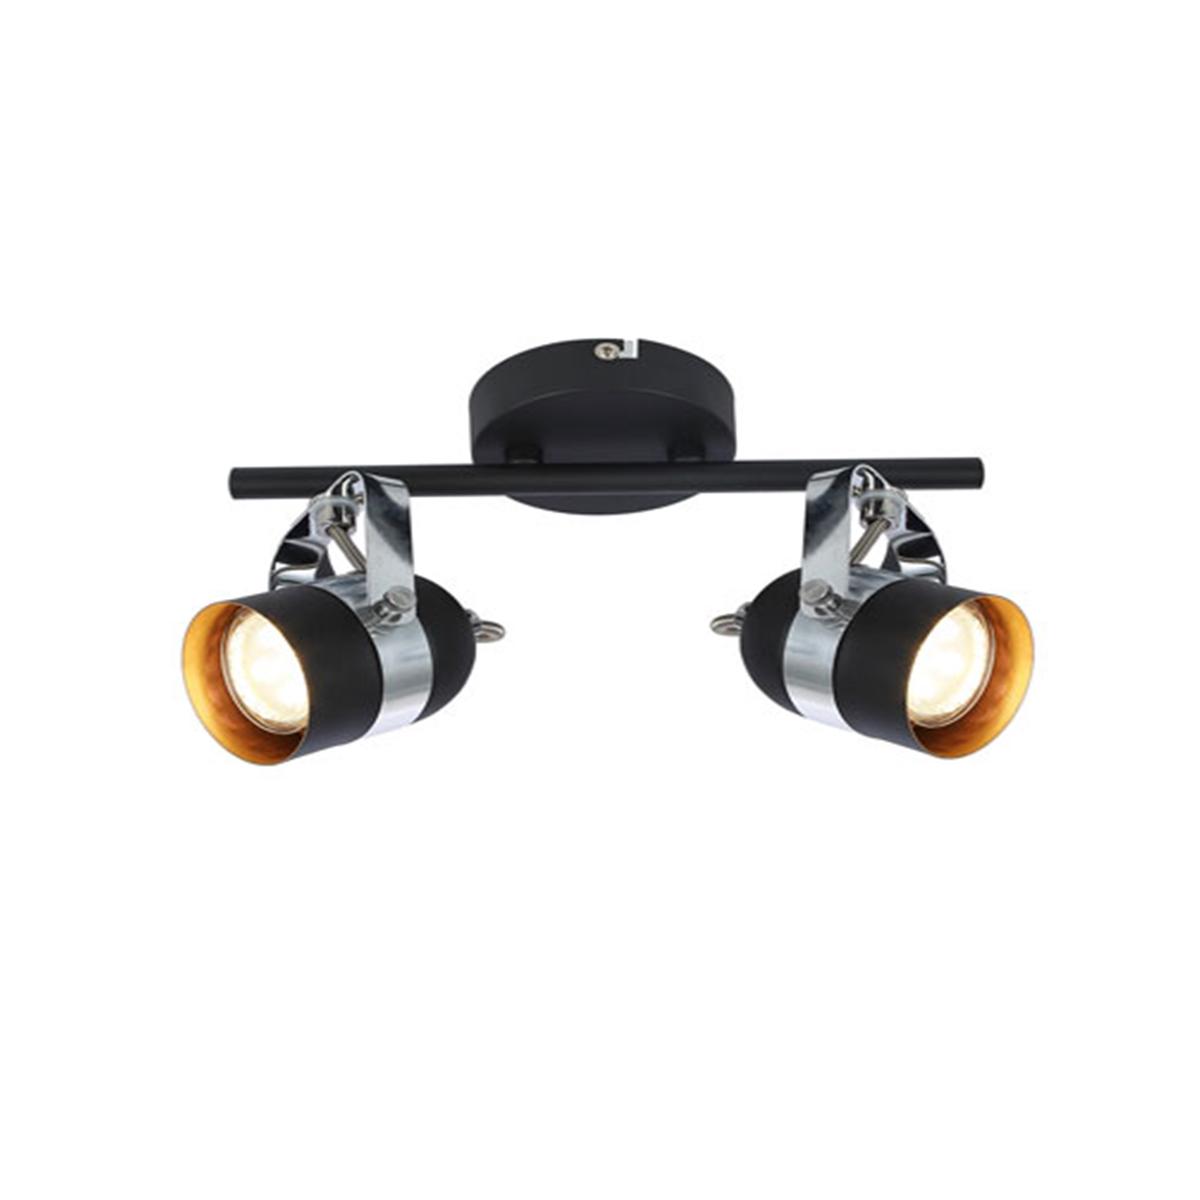 Spot lampa Alex W2 6602052 crna